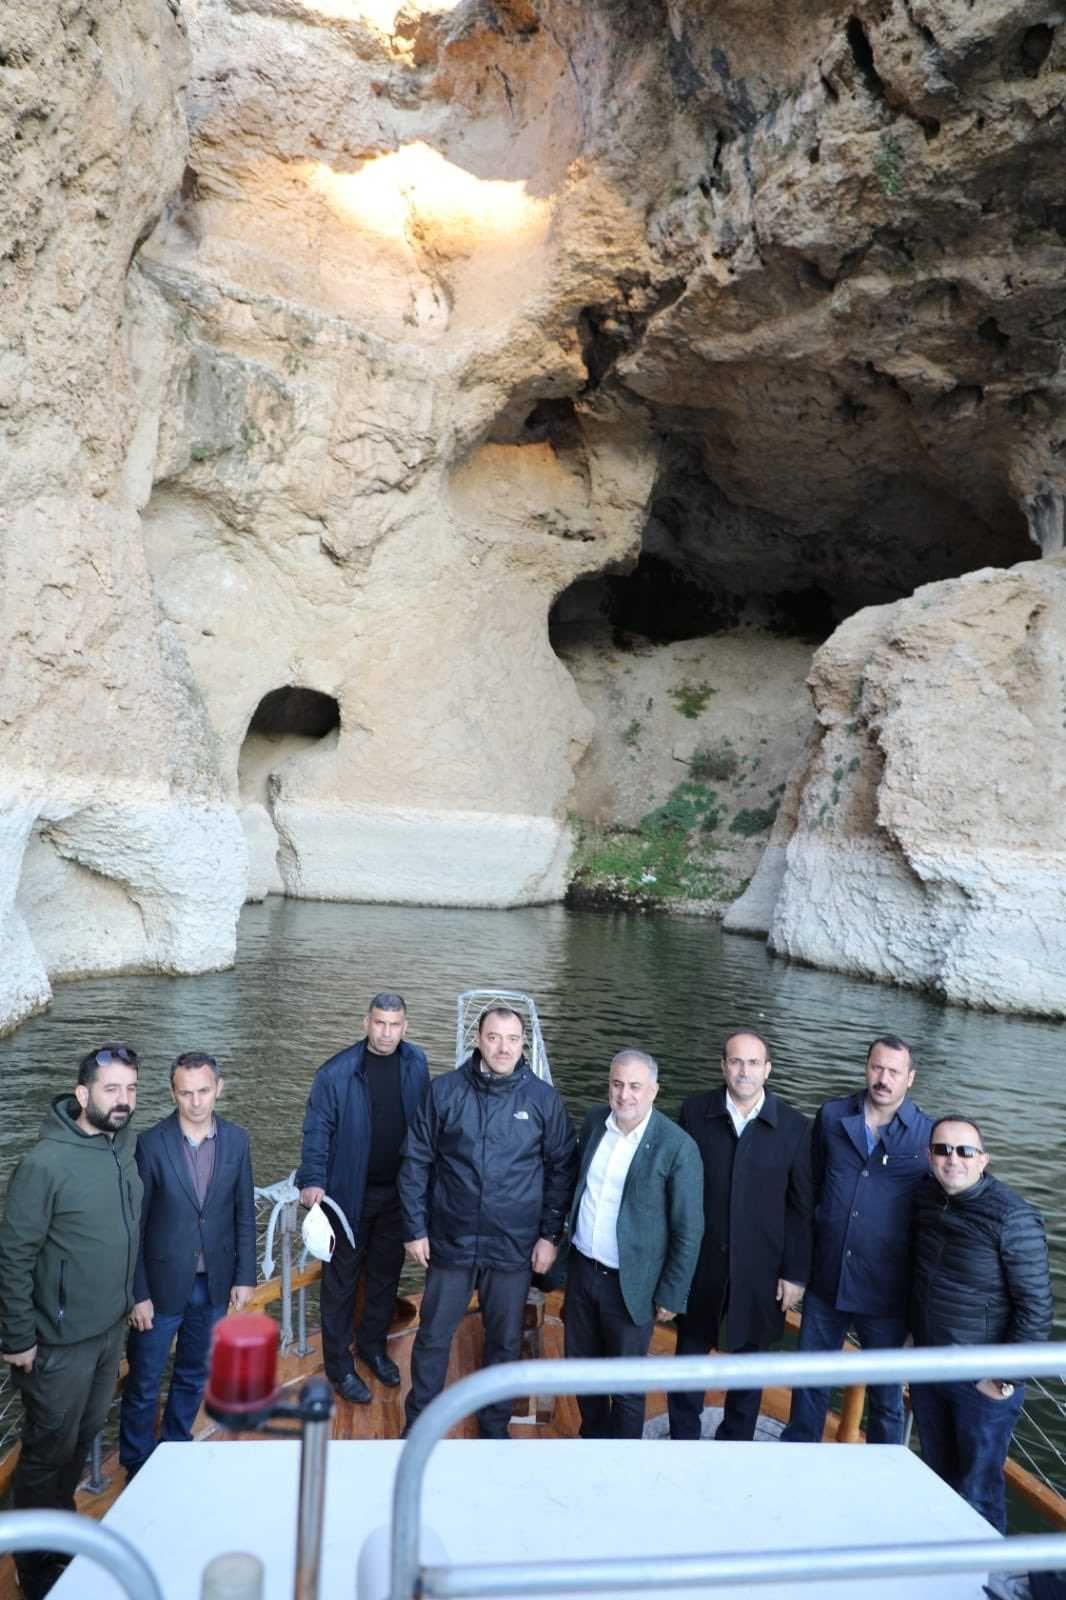 Dünyada eşine ender rastlanan bir yer! Elazığ'da keşfedildi... - Sayfa 3